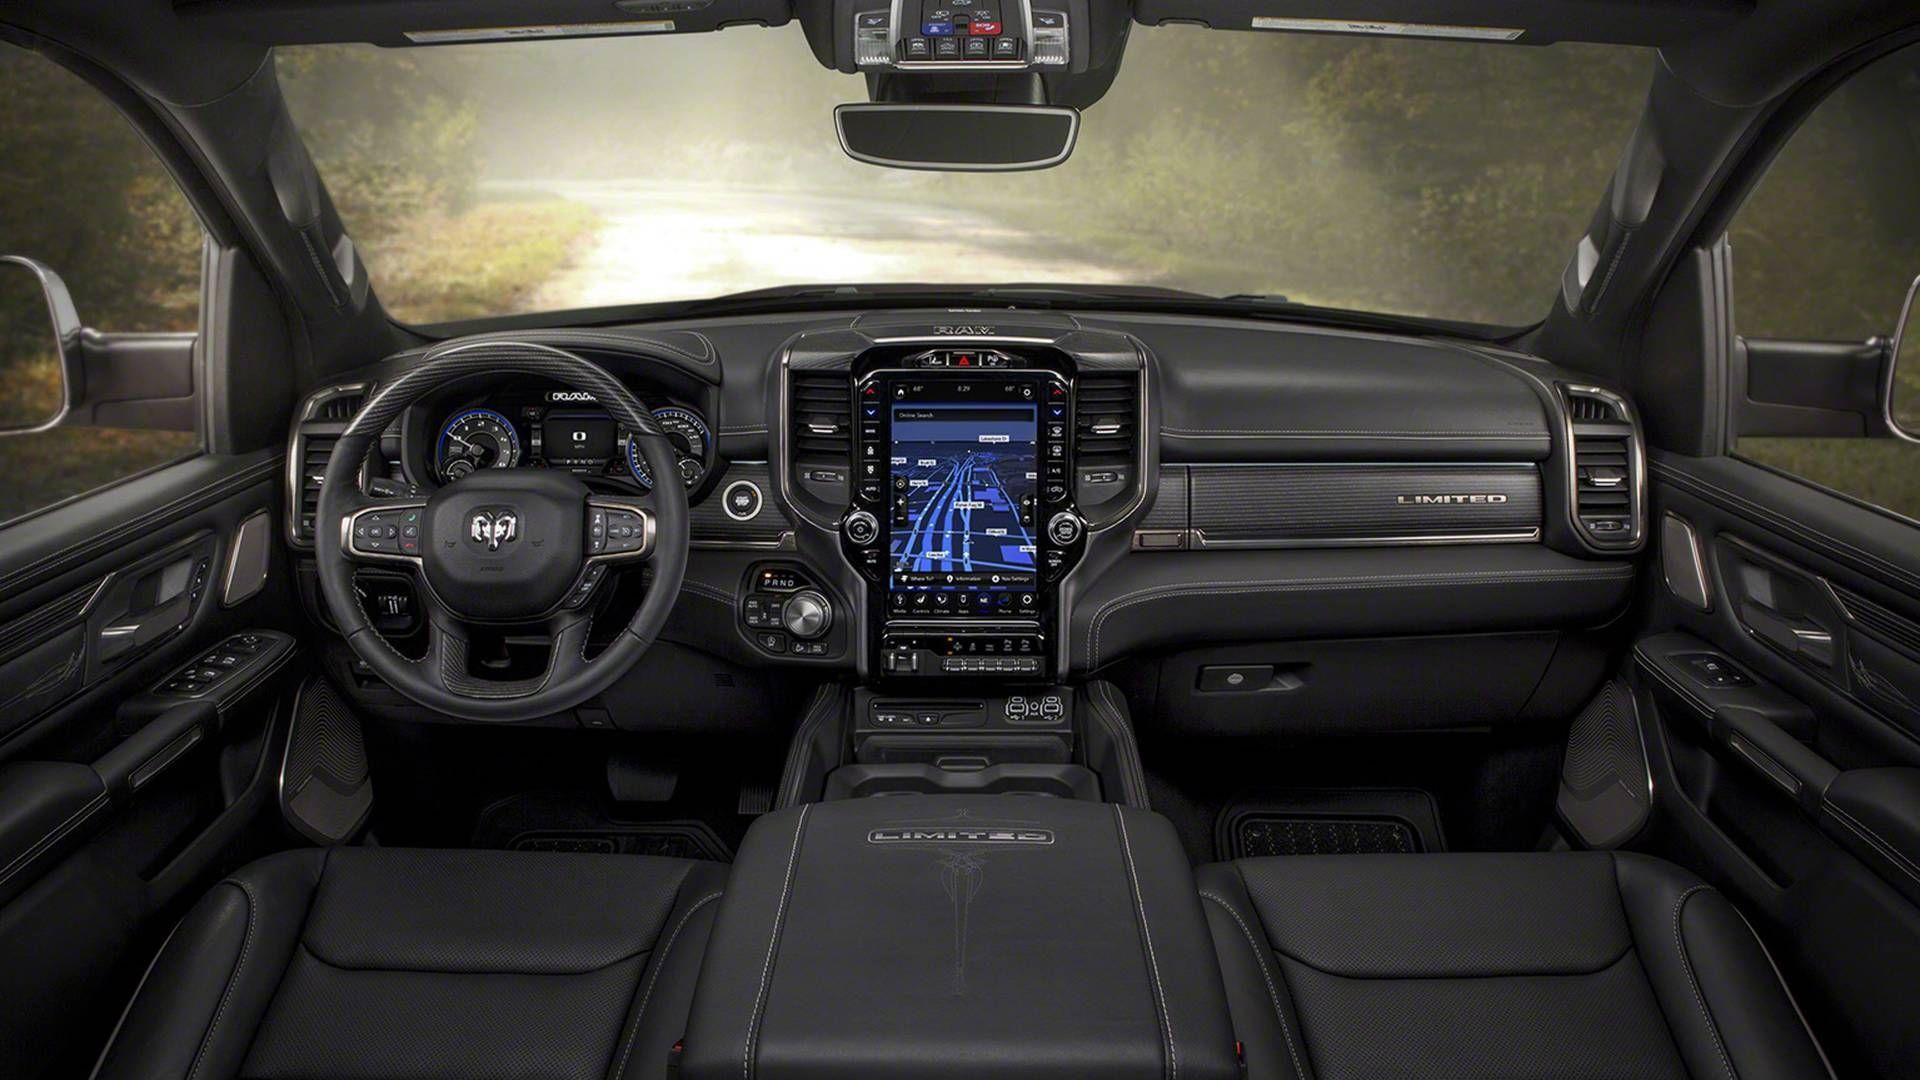 Ram 1500 Chega Ao Brasil No Segundo Semestre De 2019 Com Motor V6 A Diesel Dodge Ram 2500 Interior Do Caminhao Dodge Rams